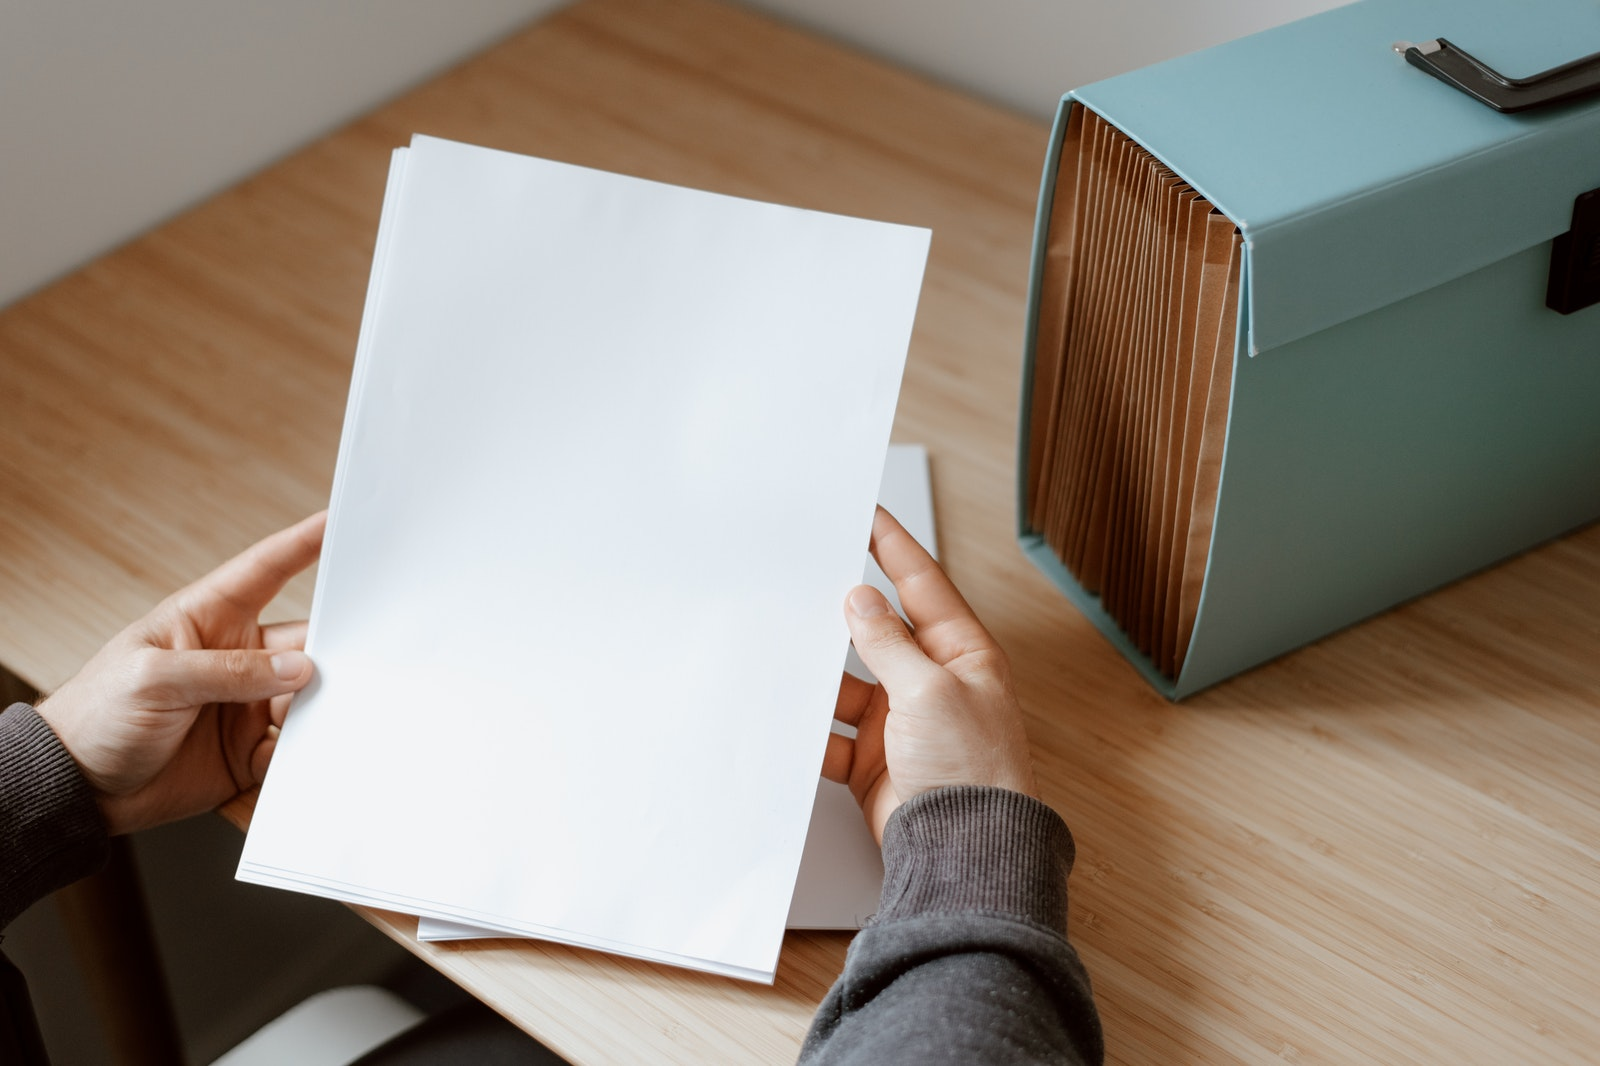 farblaserdrucker mit duplex scan